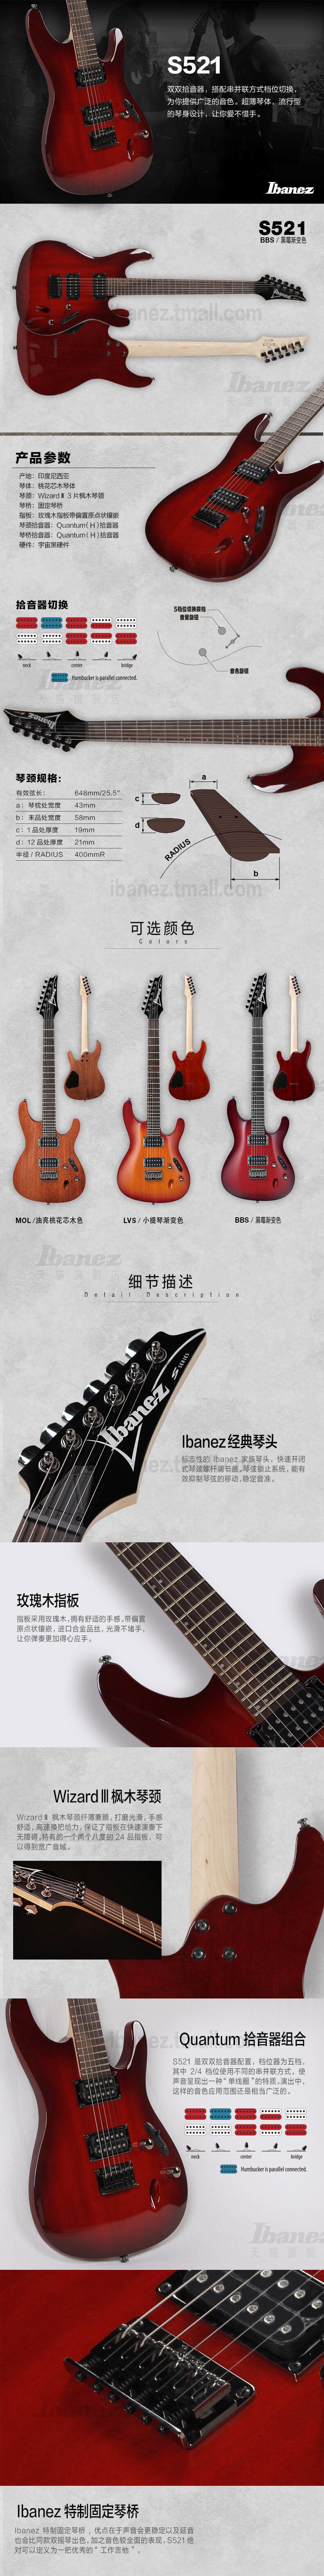 Ibanez官方旗舰店 爱宾斯 依班娜 S521电吉他 固定琴桥双双拾音 06